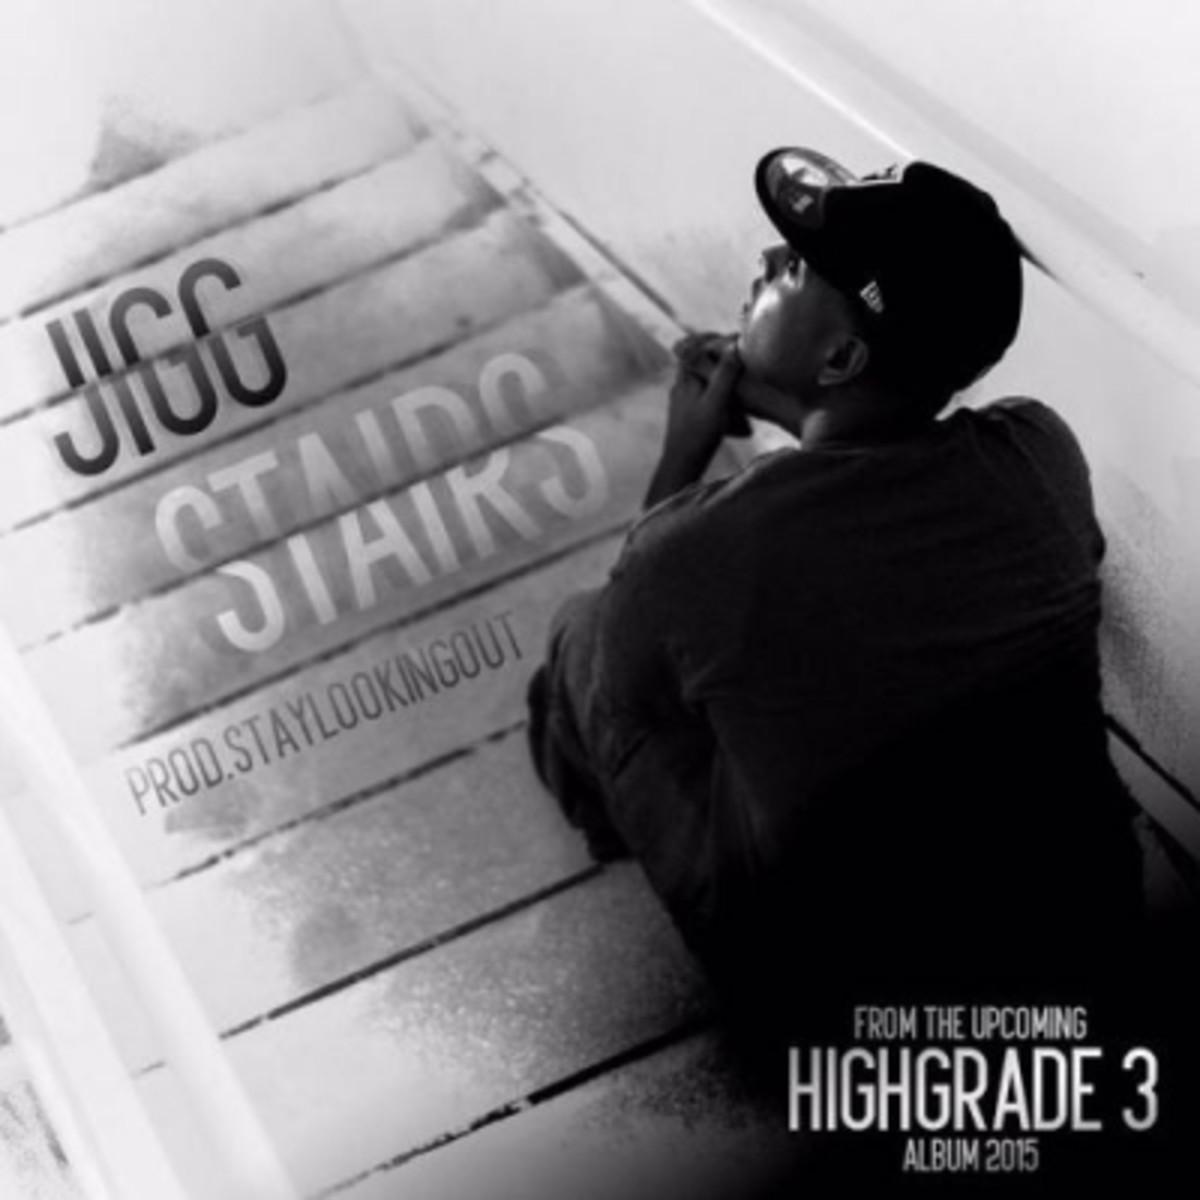 jigg-stairs.jpg